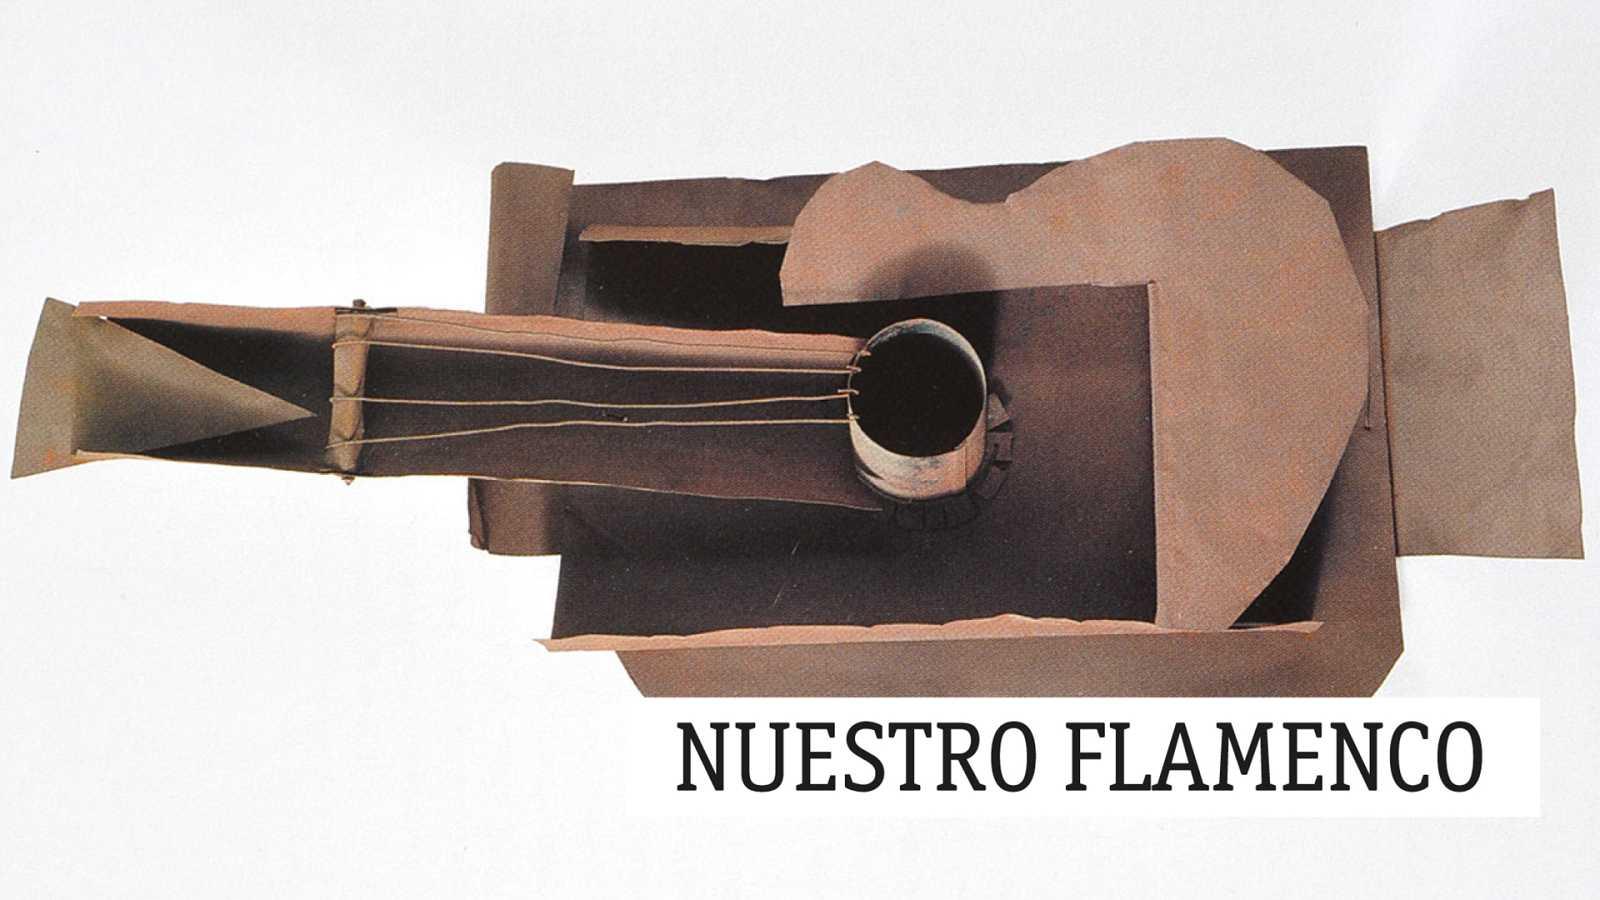 Nuestro Flamenco - Manuel Gago y su diversidad - 08/10/20 - escuchar ahora